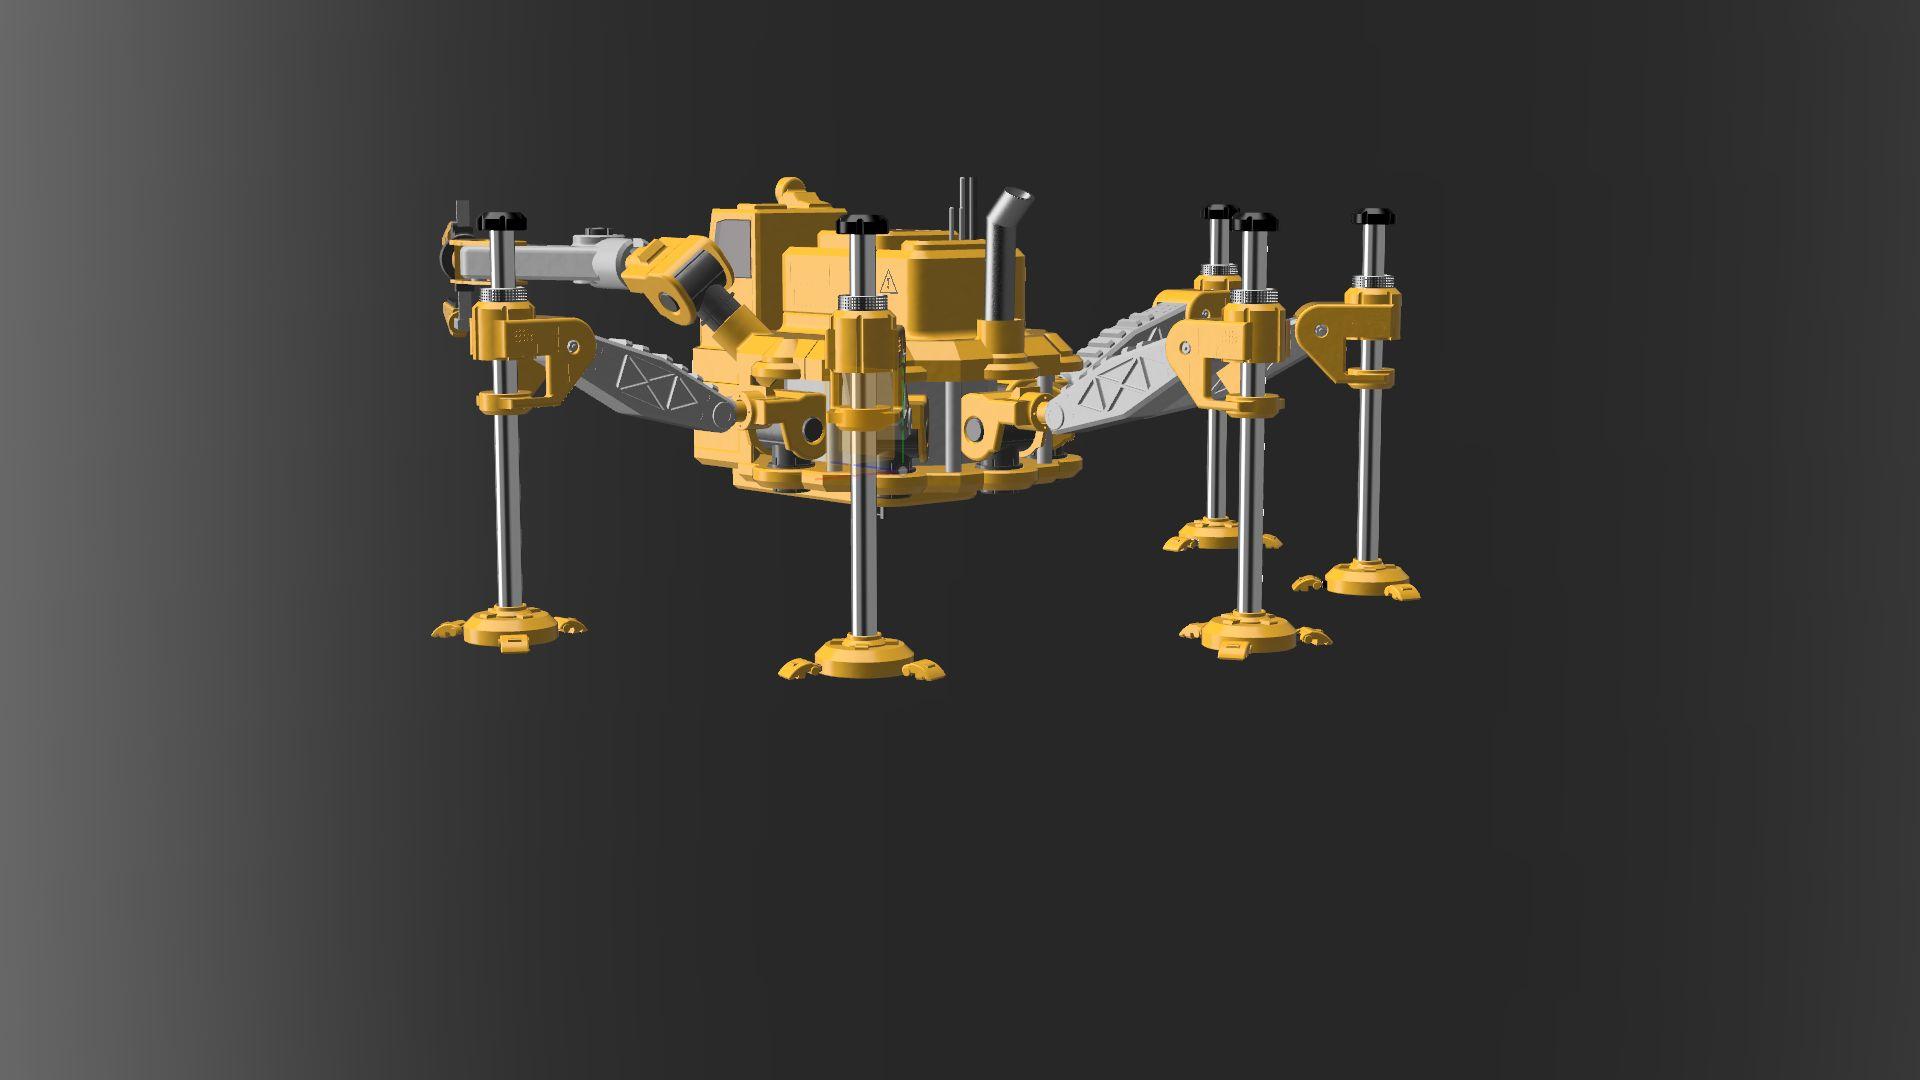 Crane-digger-04-3500-3500